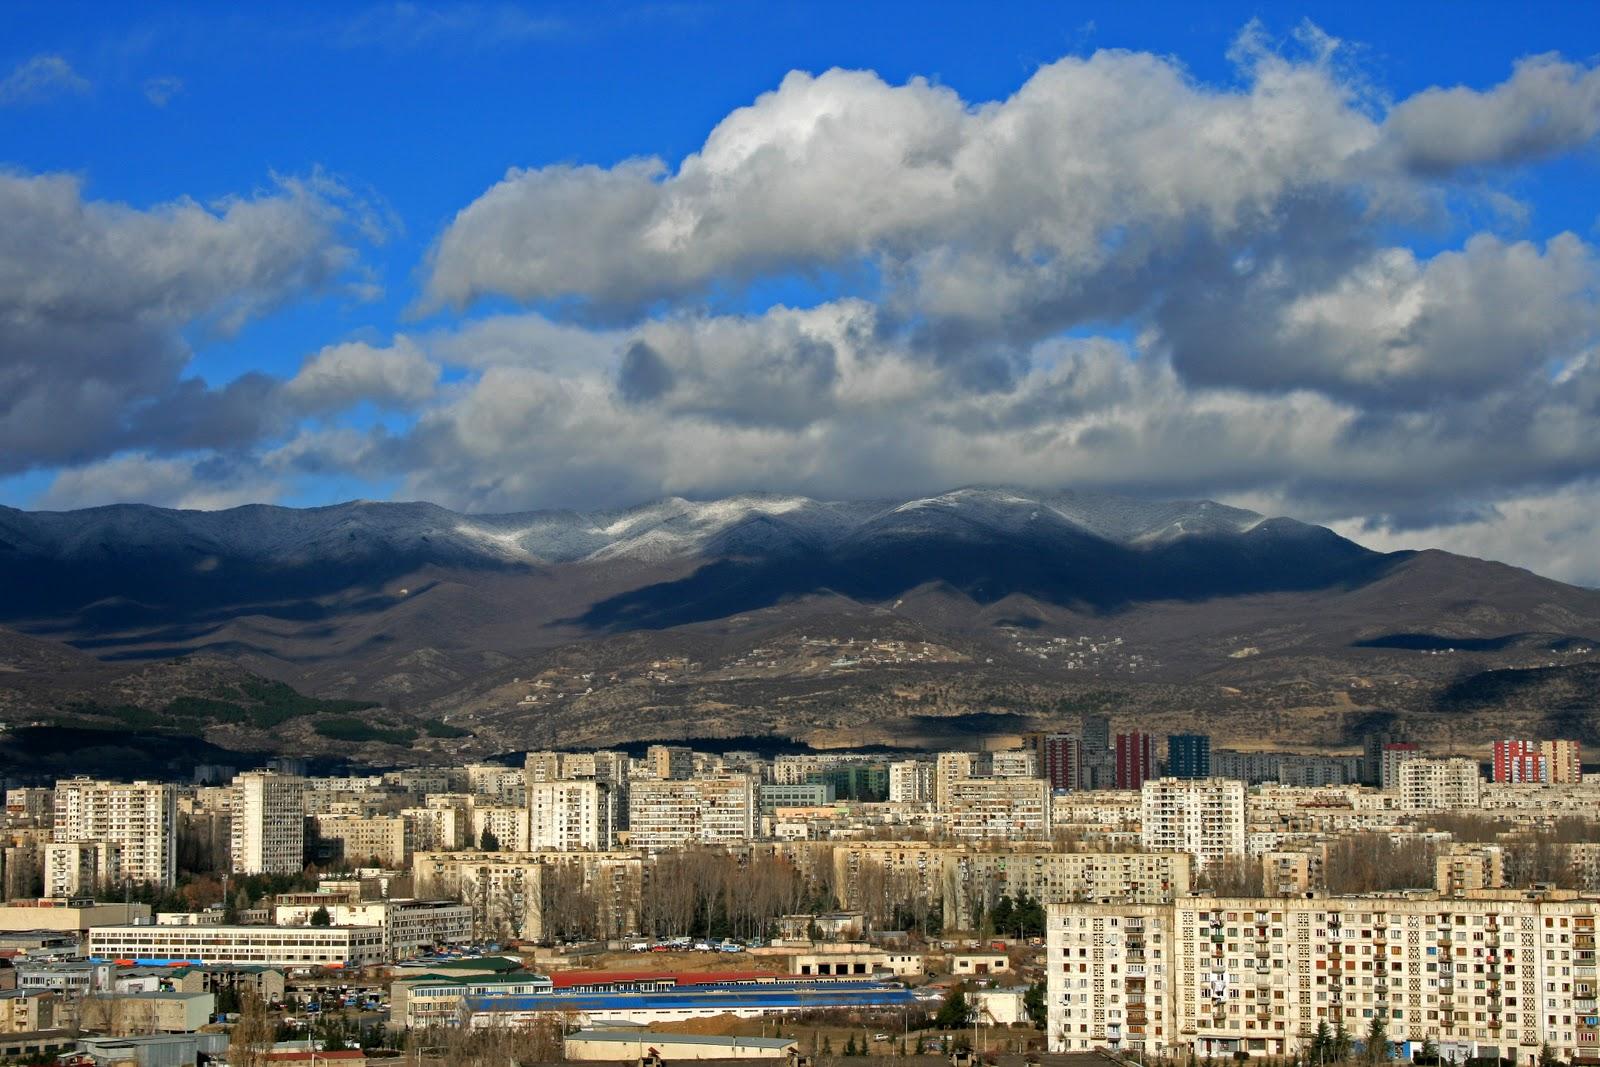 тбилиси гора возле тбилисского моря тэвз фото